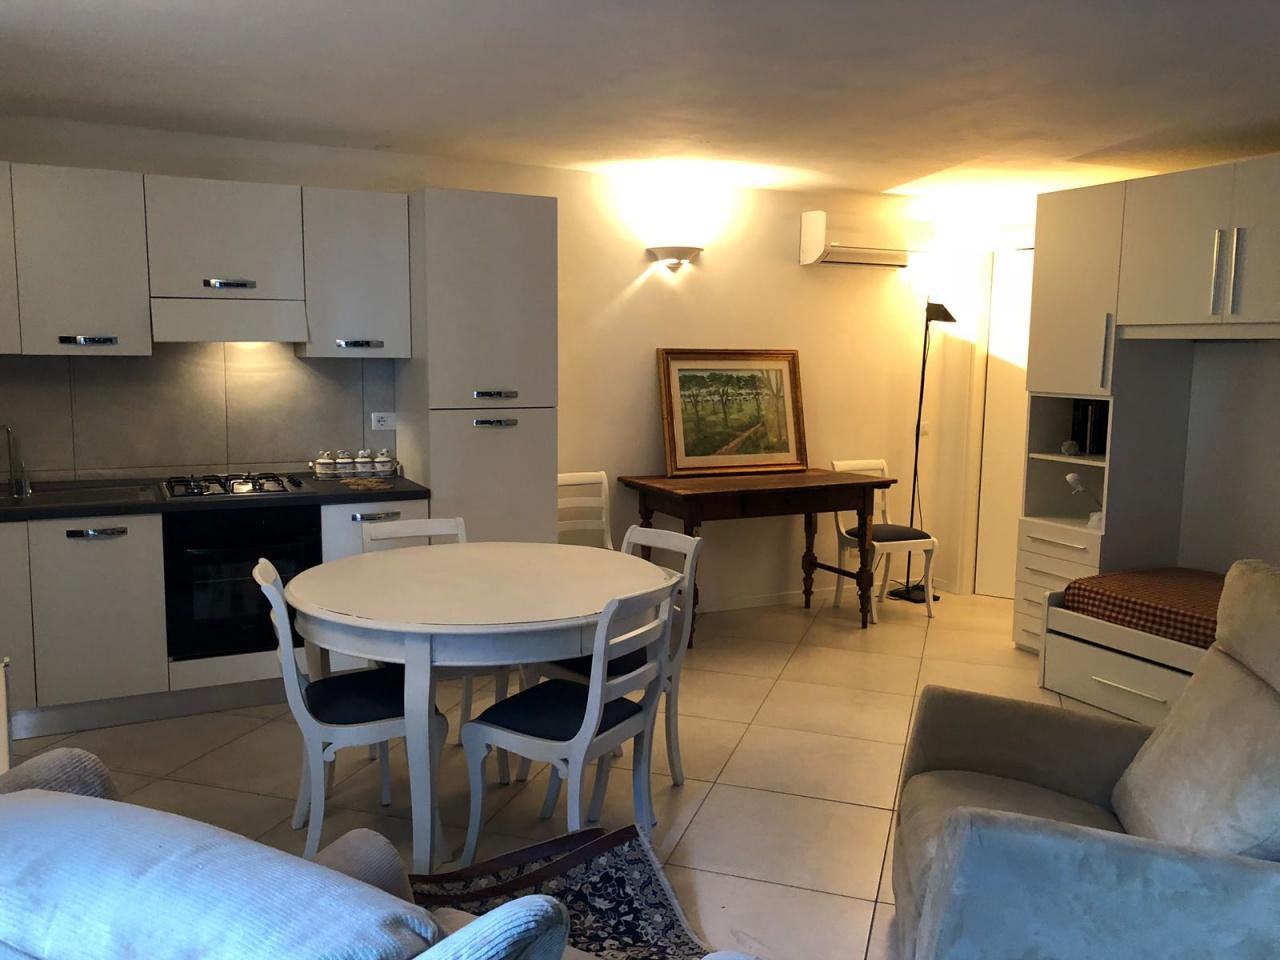 Immobile Turistico in affitto a Castiglione della Pescaia, 1 locali, prezzo € 1.000 | CambioCasa.it